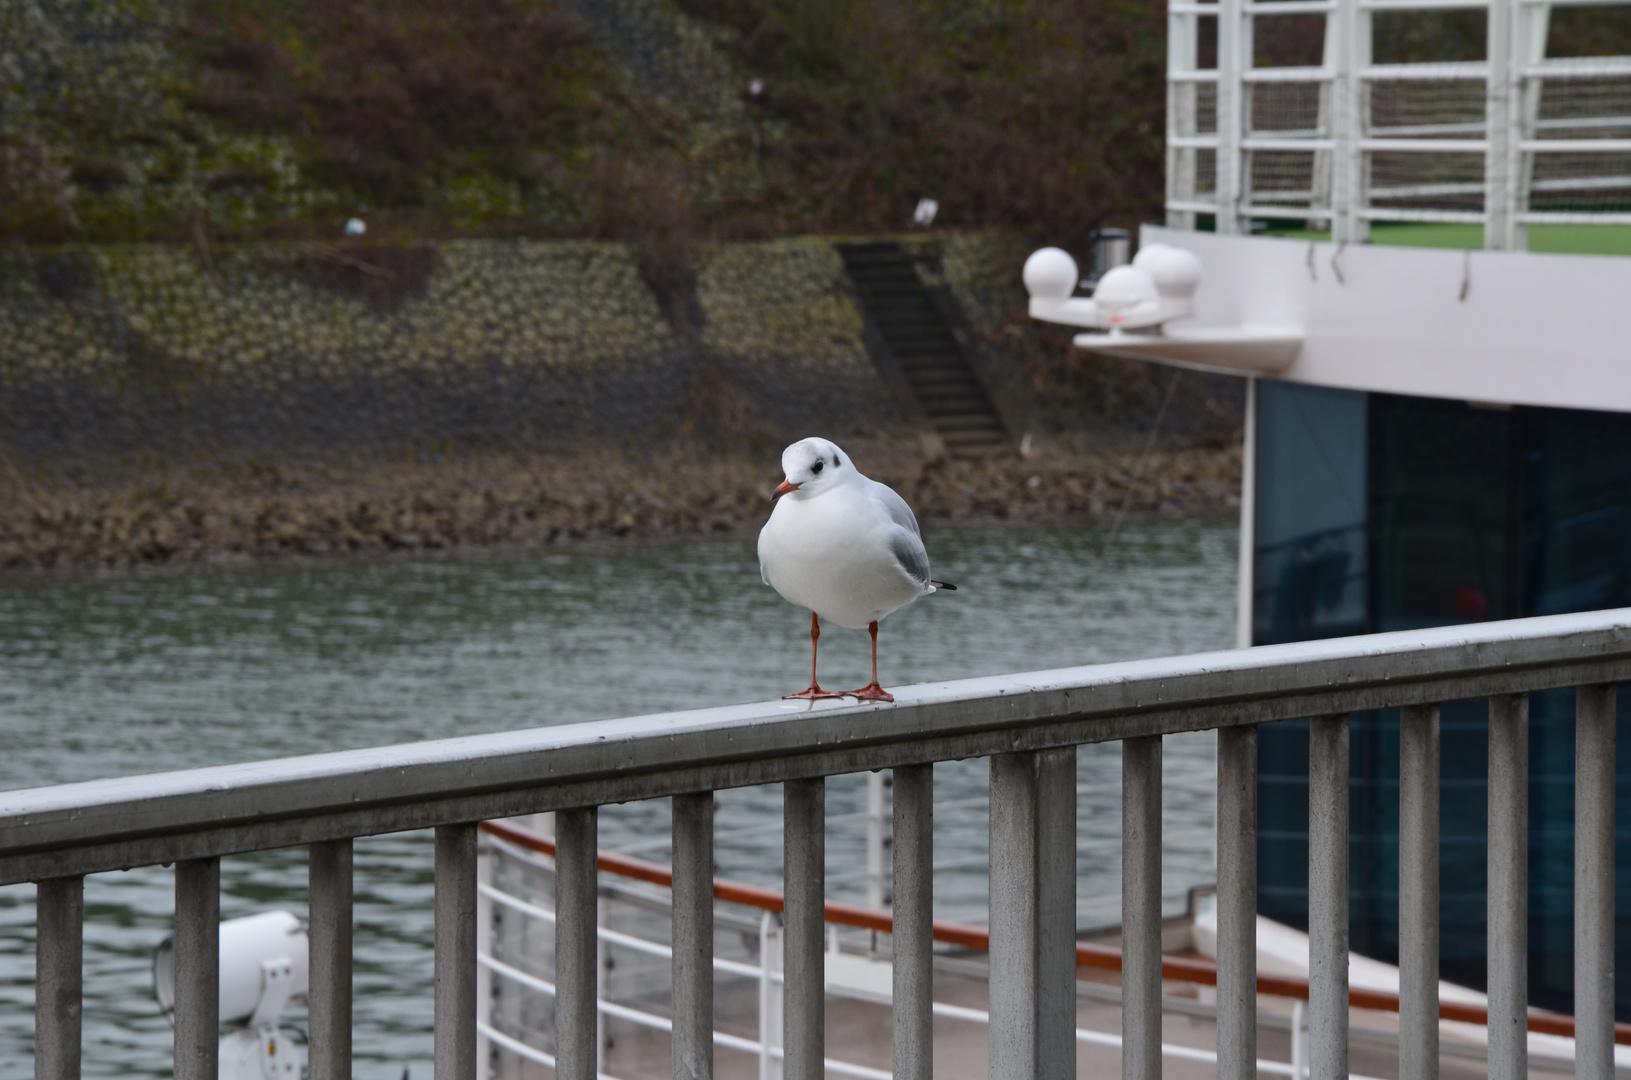 Rhein-vögel beim Posen